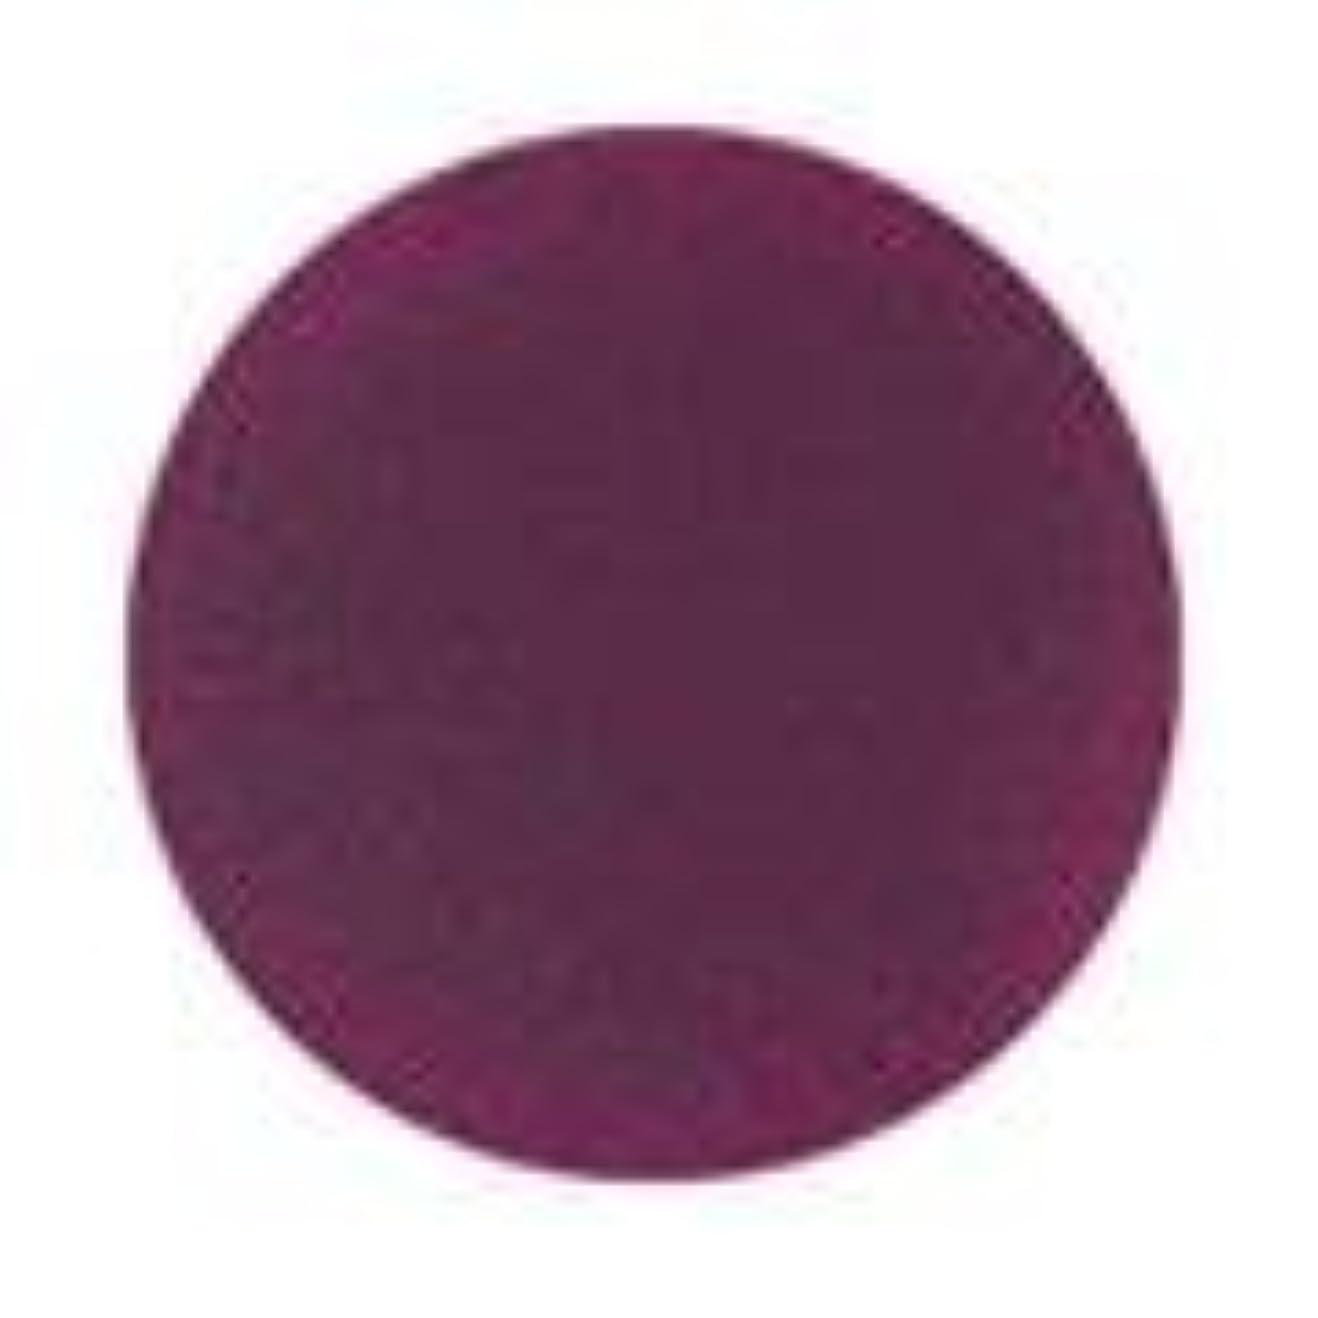 文庫本ストラップモデレータJessica ジェレレーション カラー 15ml  644 ミッドナイトミスト